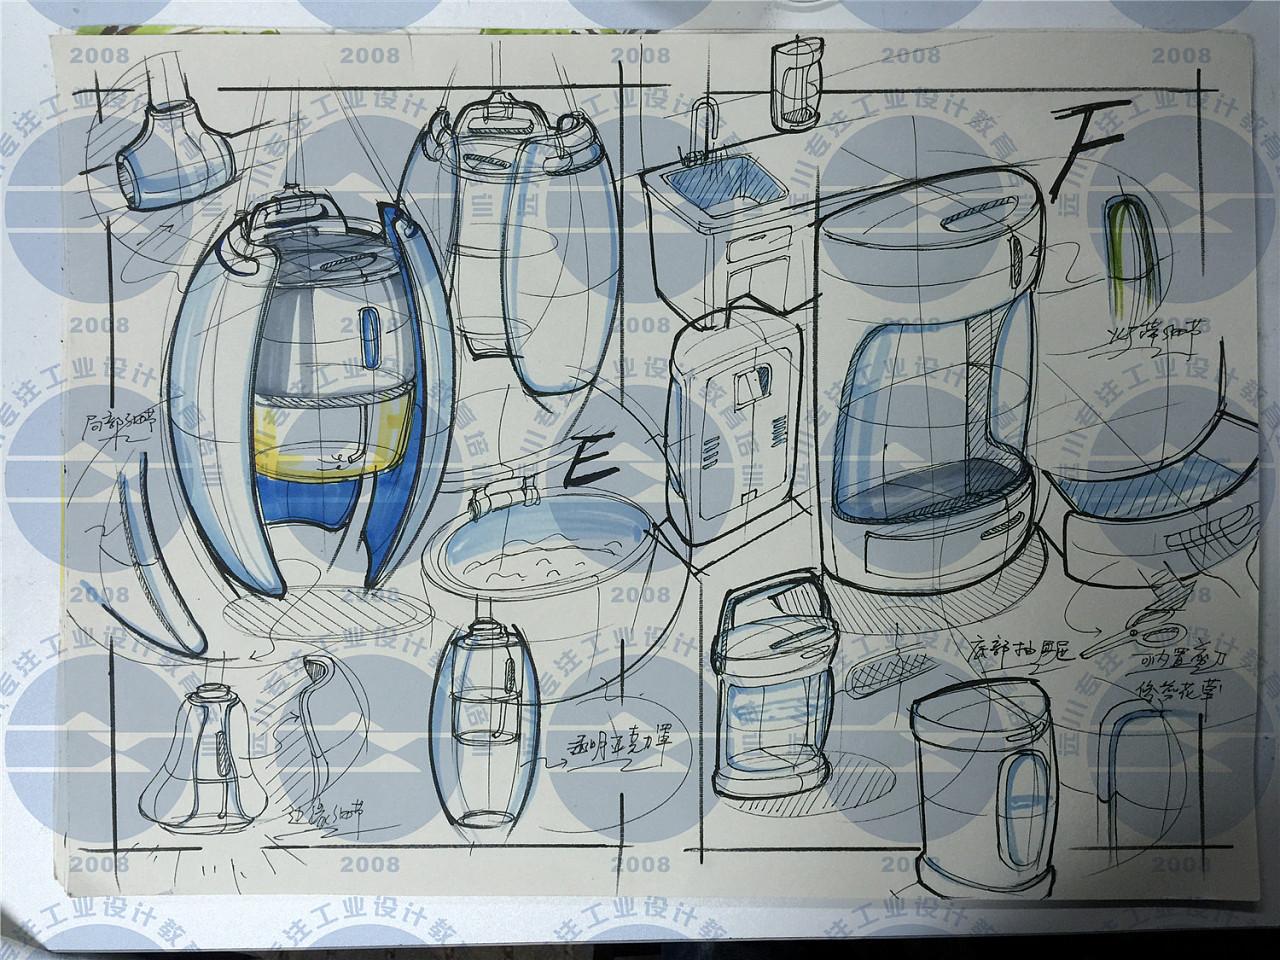 工业设计考研快题 工业/产品 其他工业/产品 zhang898